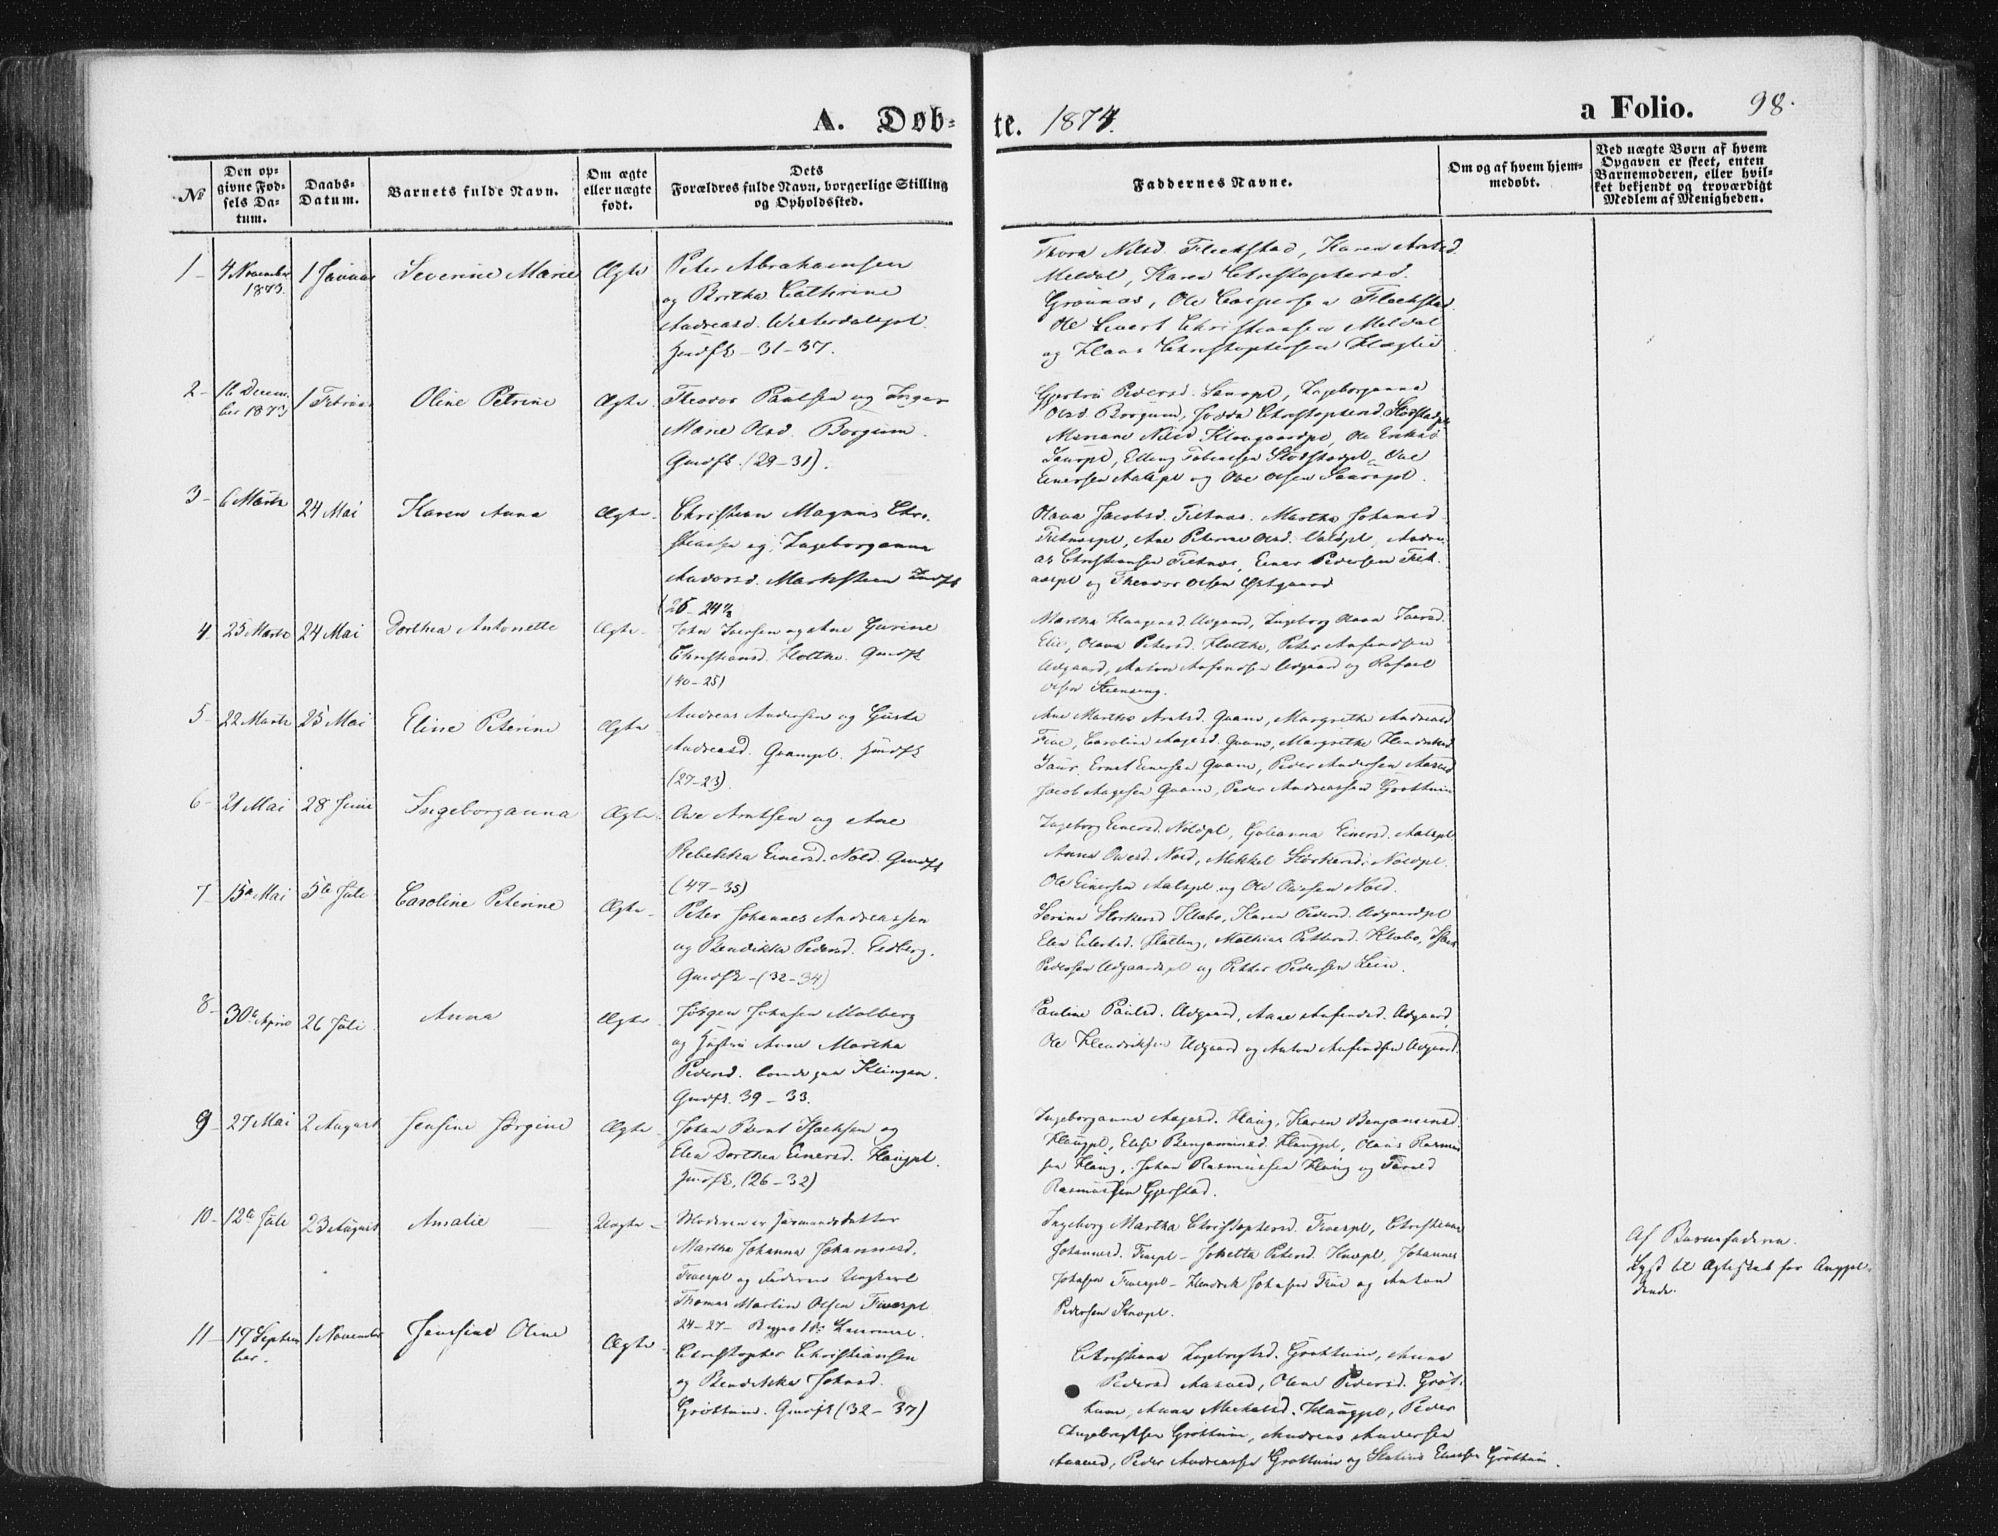 SAT, Ministerialprotokoller, klokkerbøker og fødselsregistre - Nord-Trøndelag, 746/L0447: Ministerialbok nr. 746A06, 1860-1877, s. 98